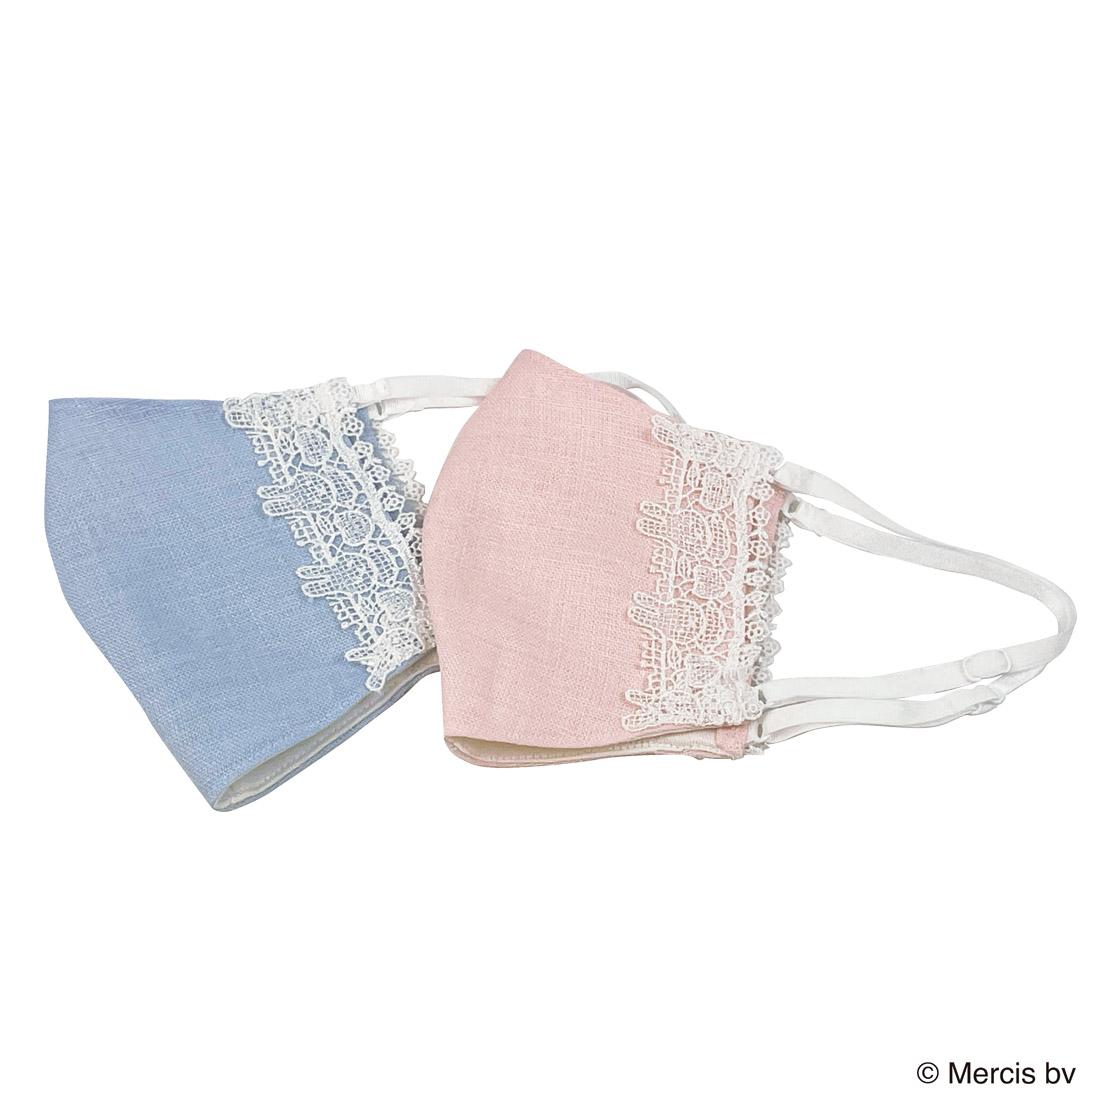 ミッフィー 近沢レース店マスク(ピンク・ブルー)